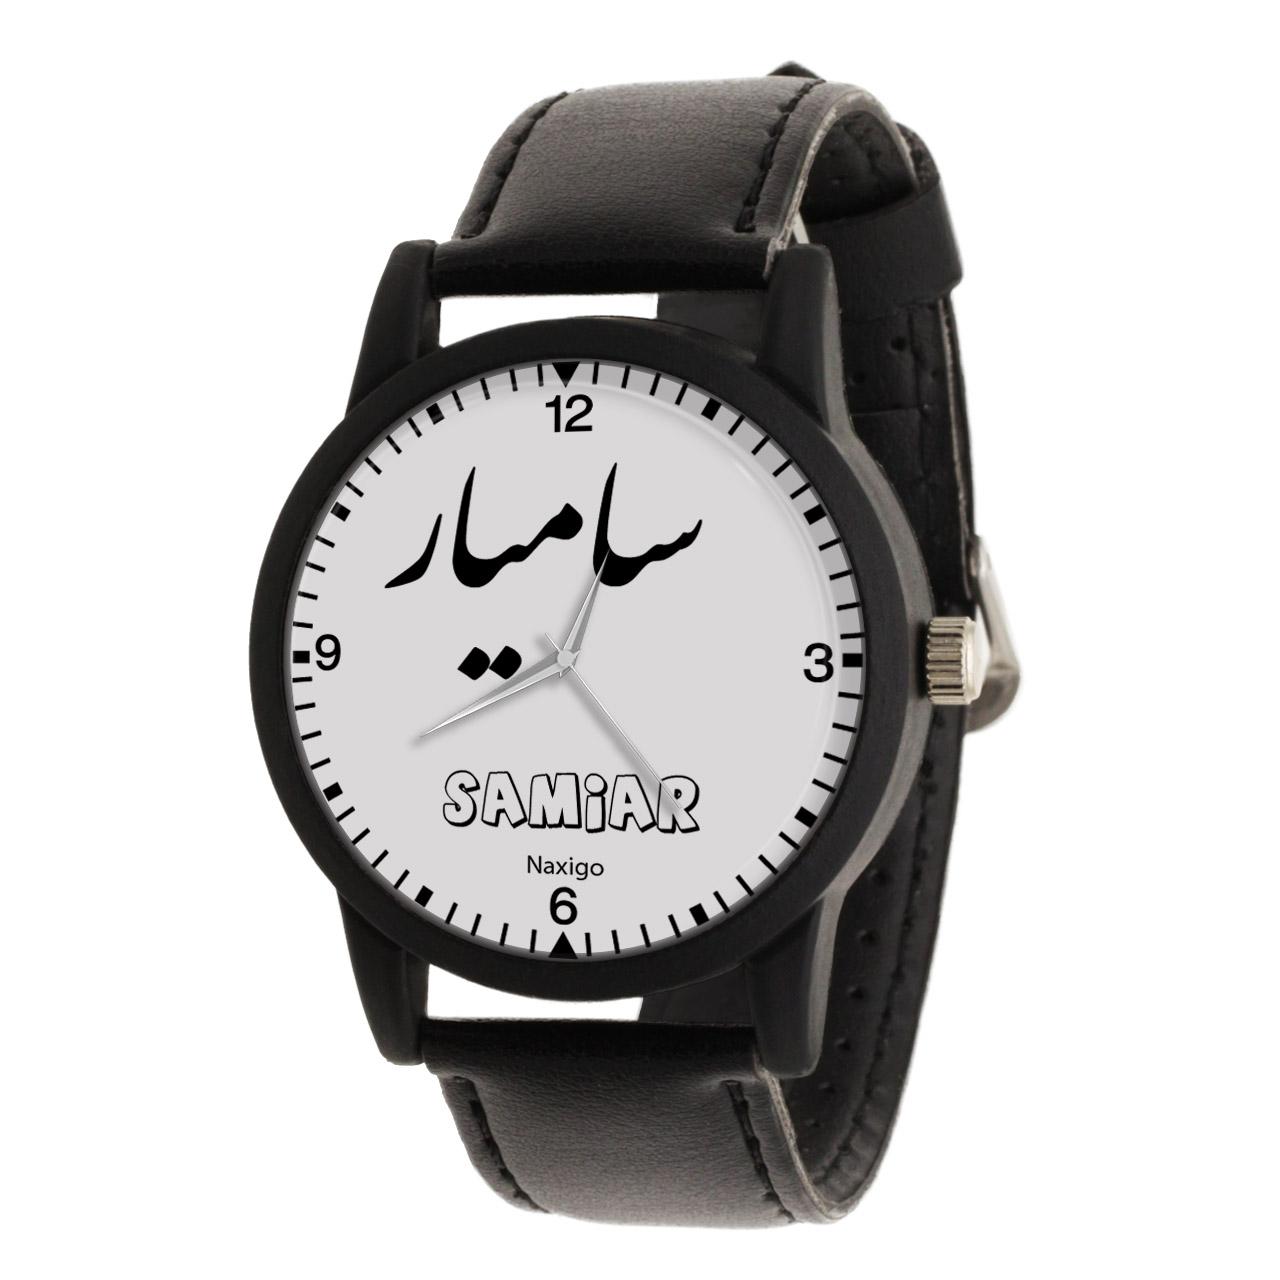 ساعت مچی عقربه ای مردانه ناکسیگو طرح سامیار کد LF3324